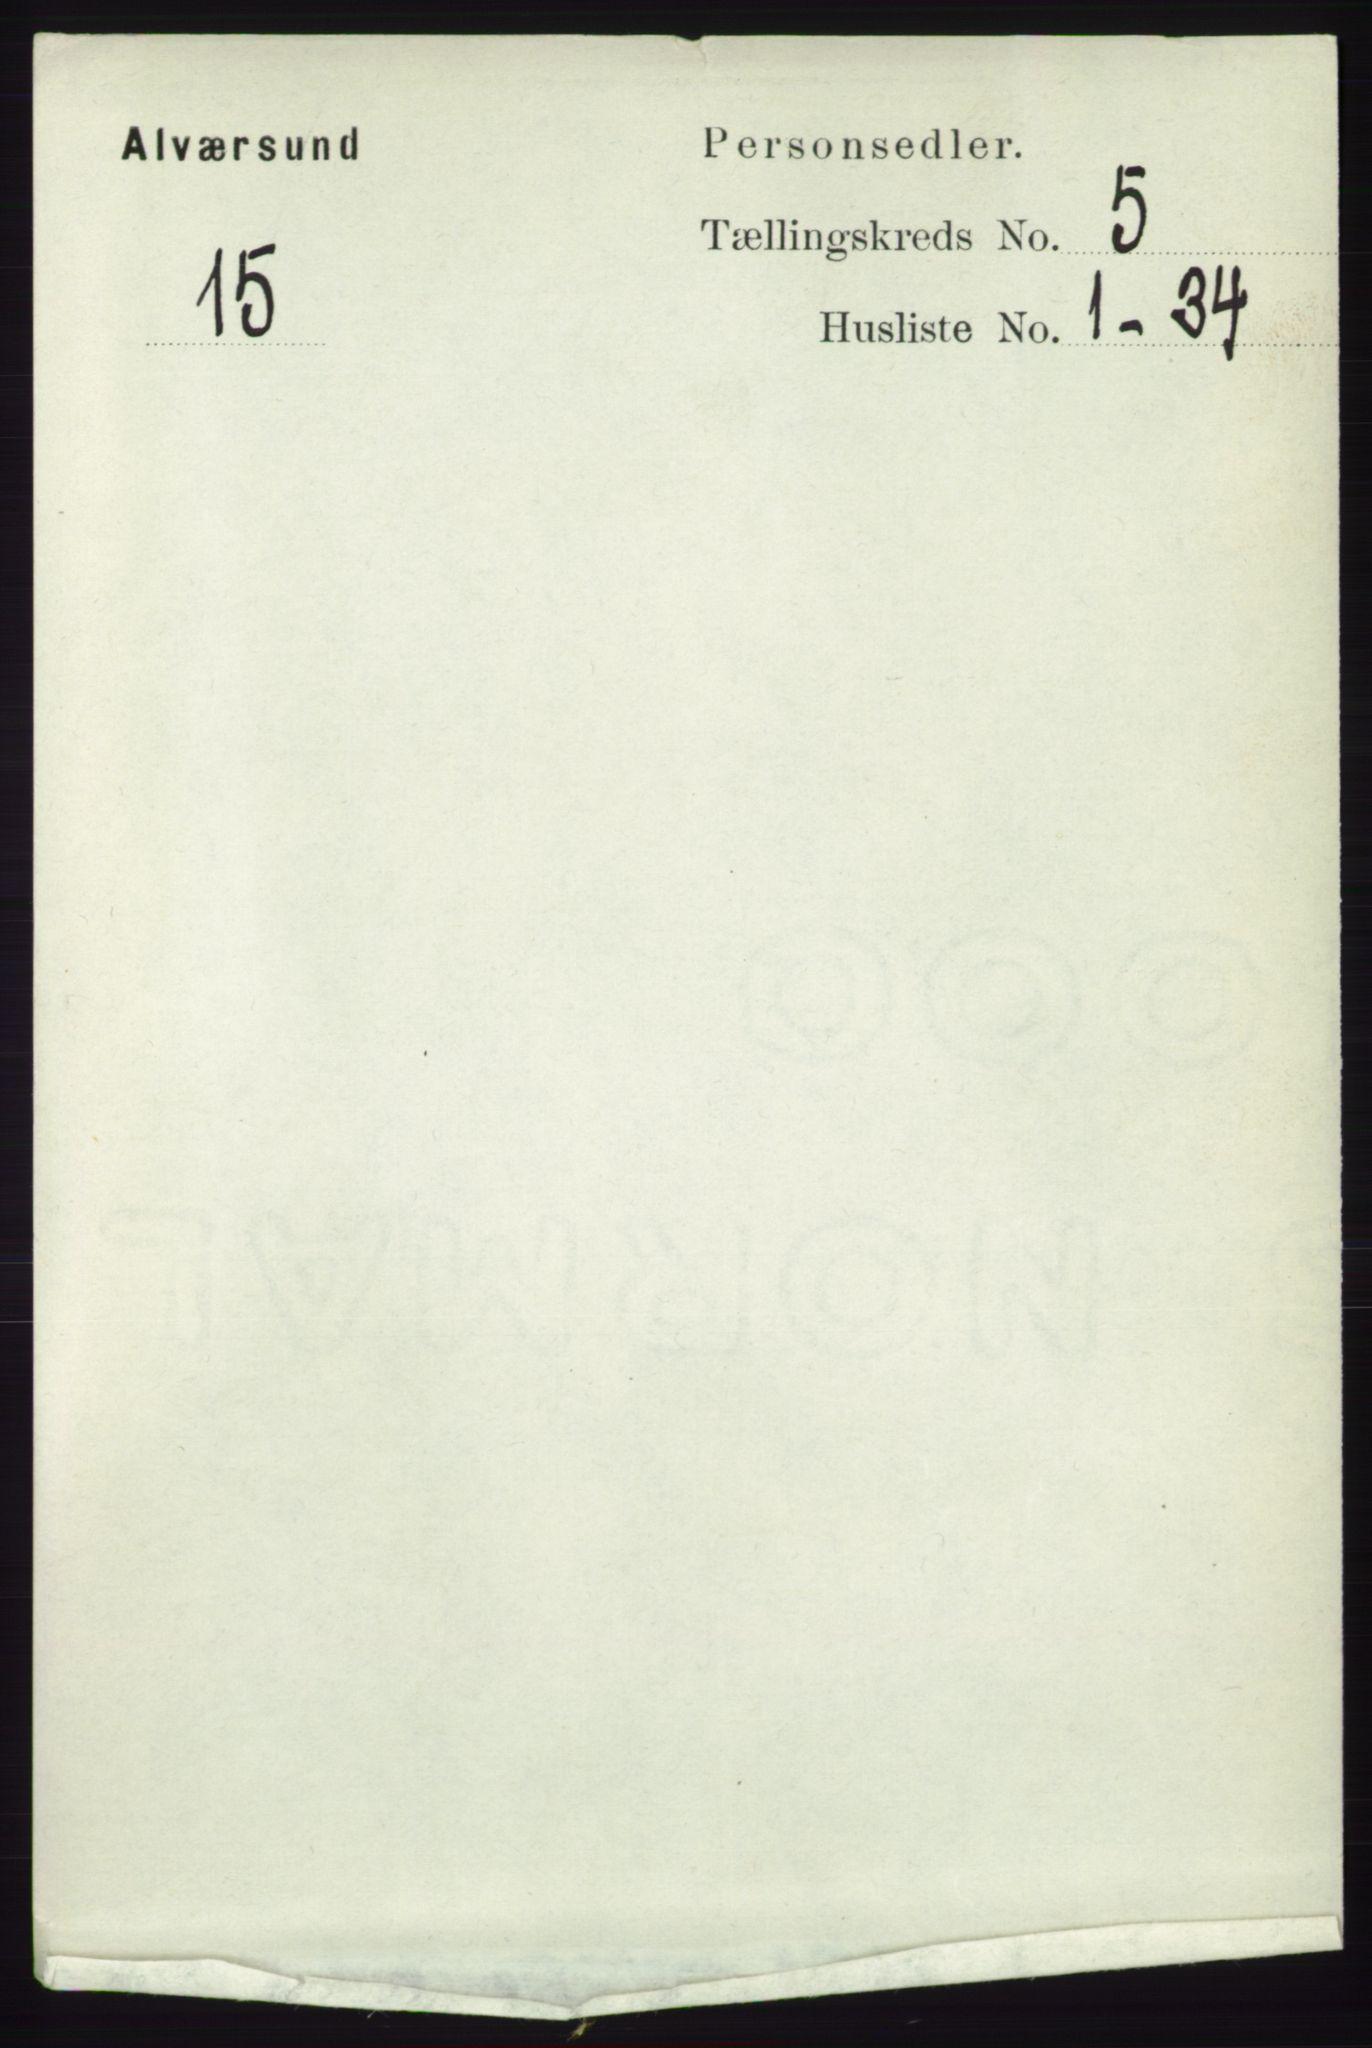 RA, Folketelling 1891 for 1257 Alversund herred, 1891, s. 1792